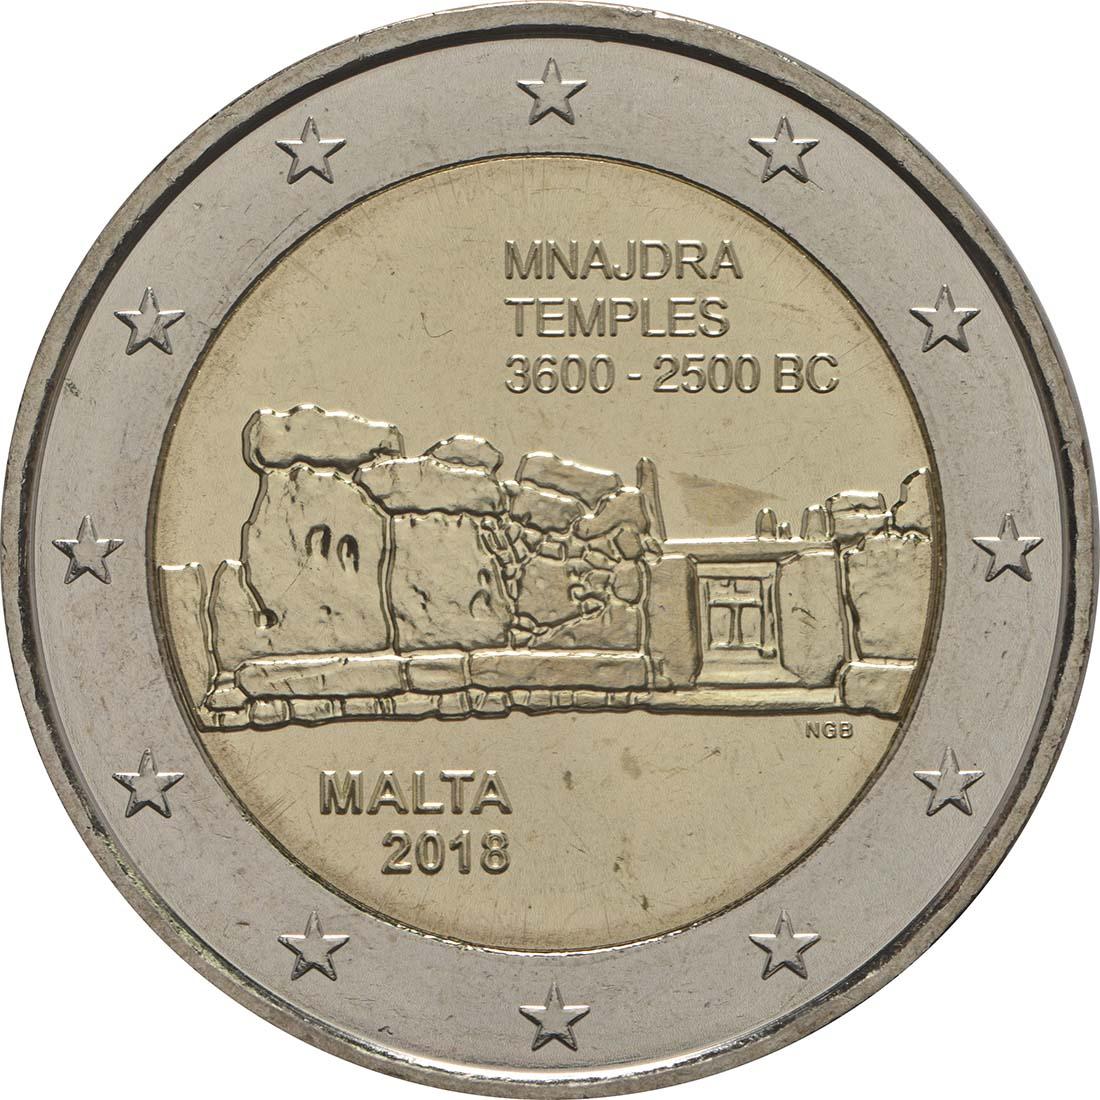 2018 317 Malta Mnajdra.jpg